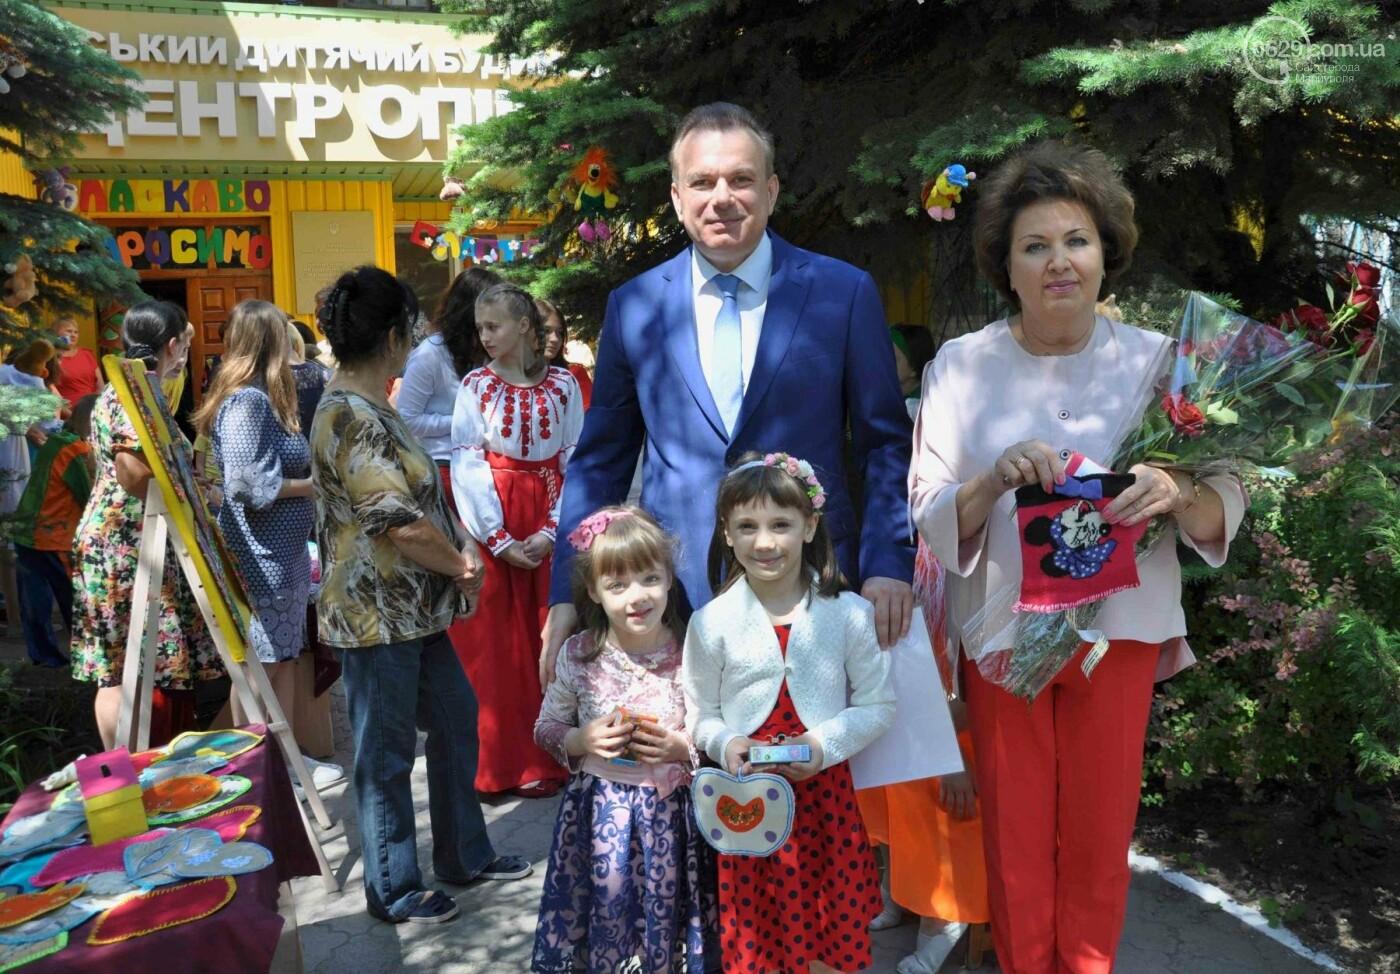 День защиты детей ярко отметили в «Центре опеки», фото-3